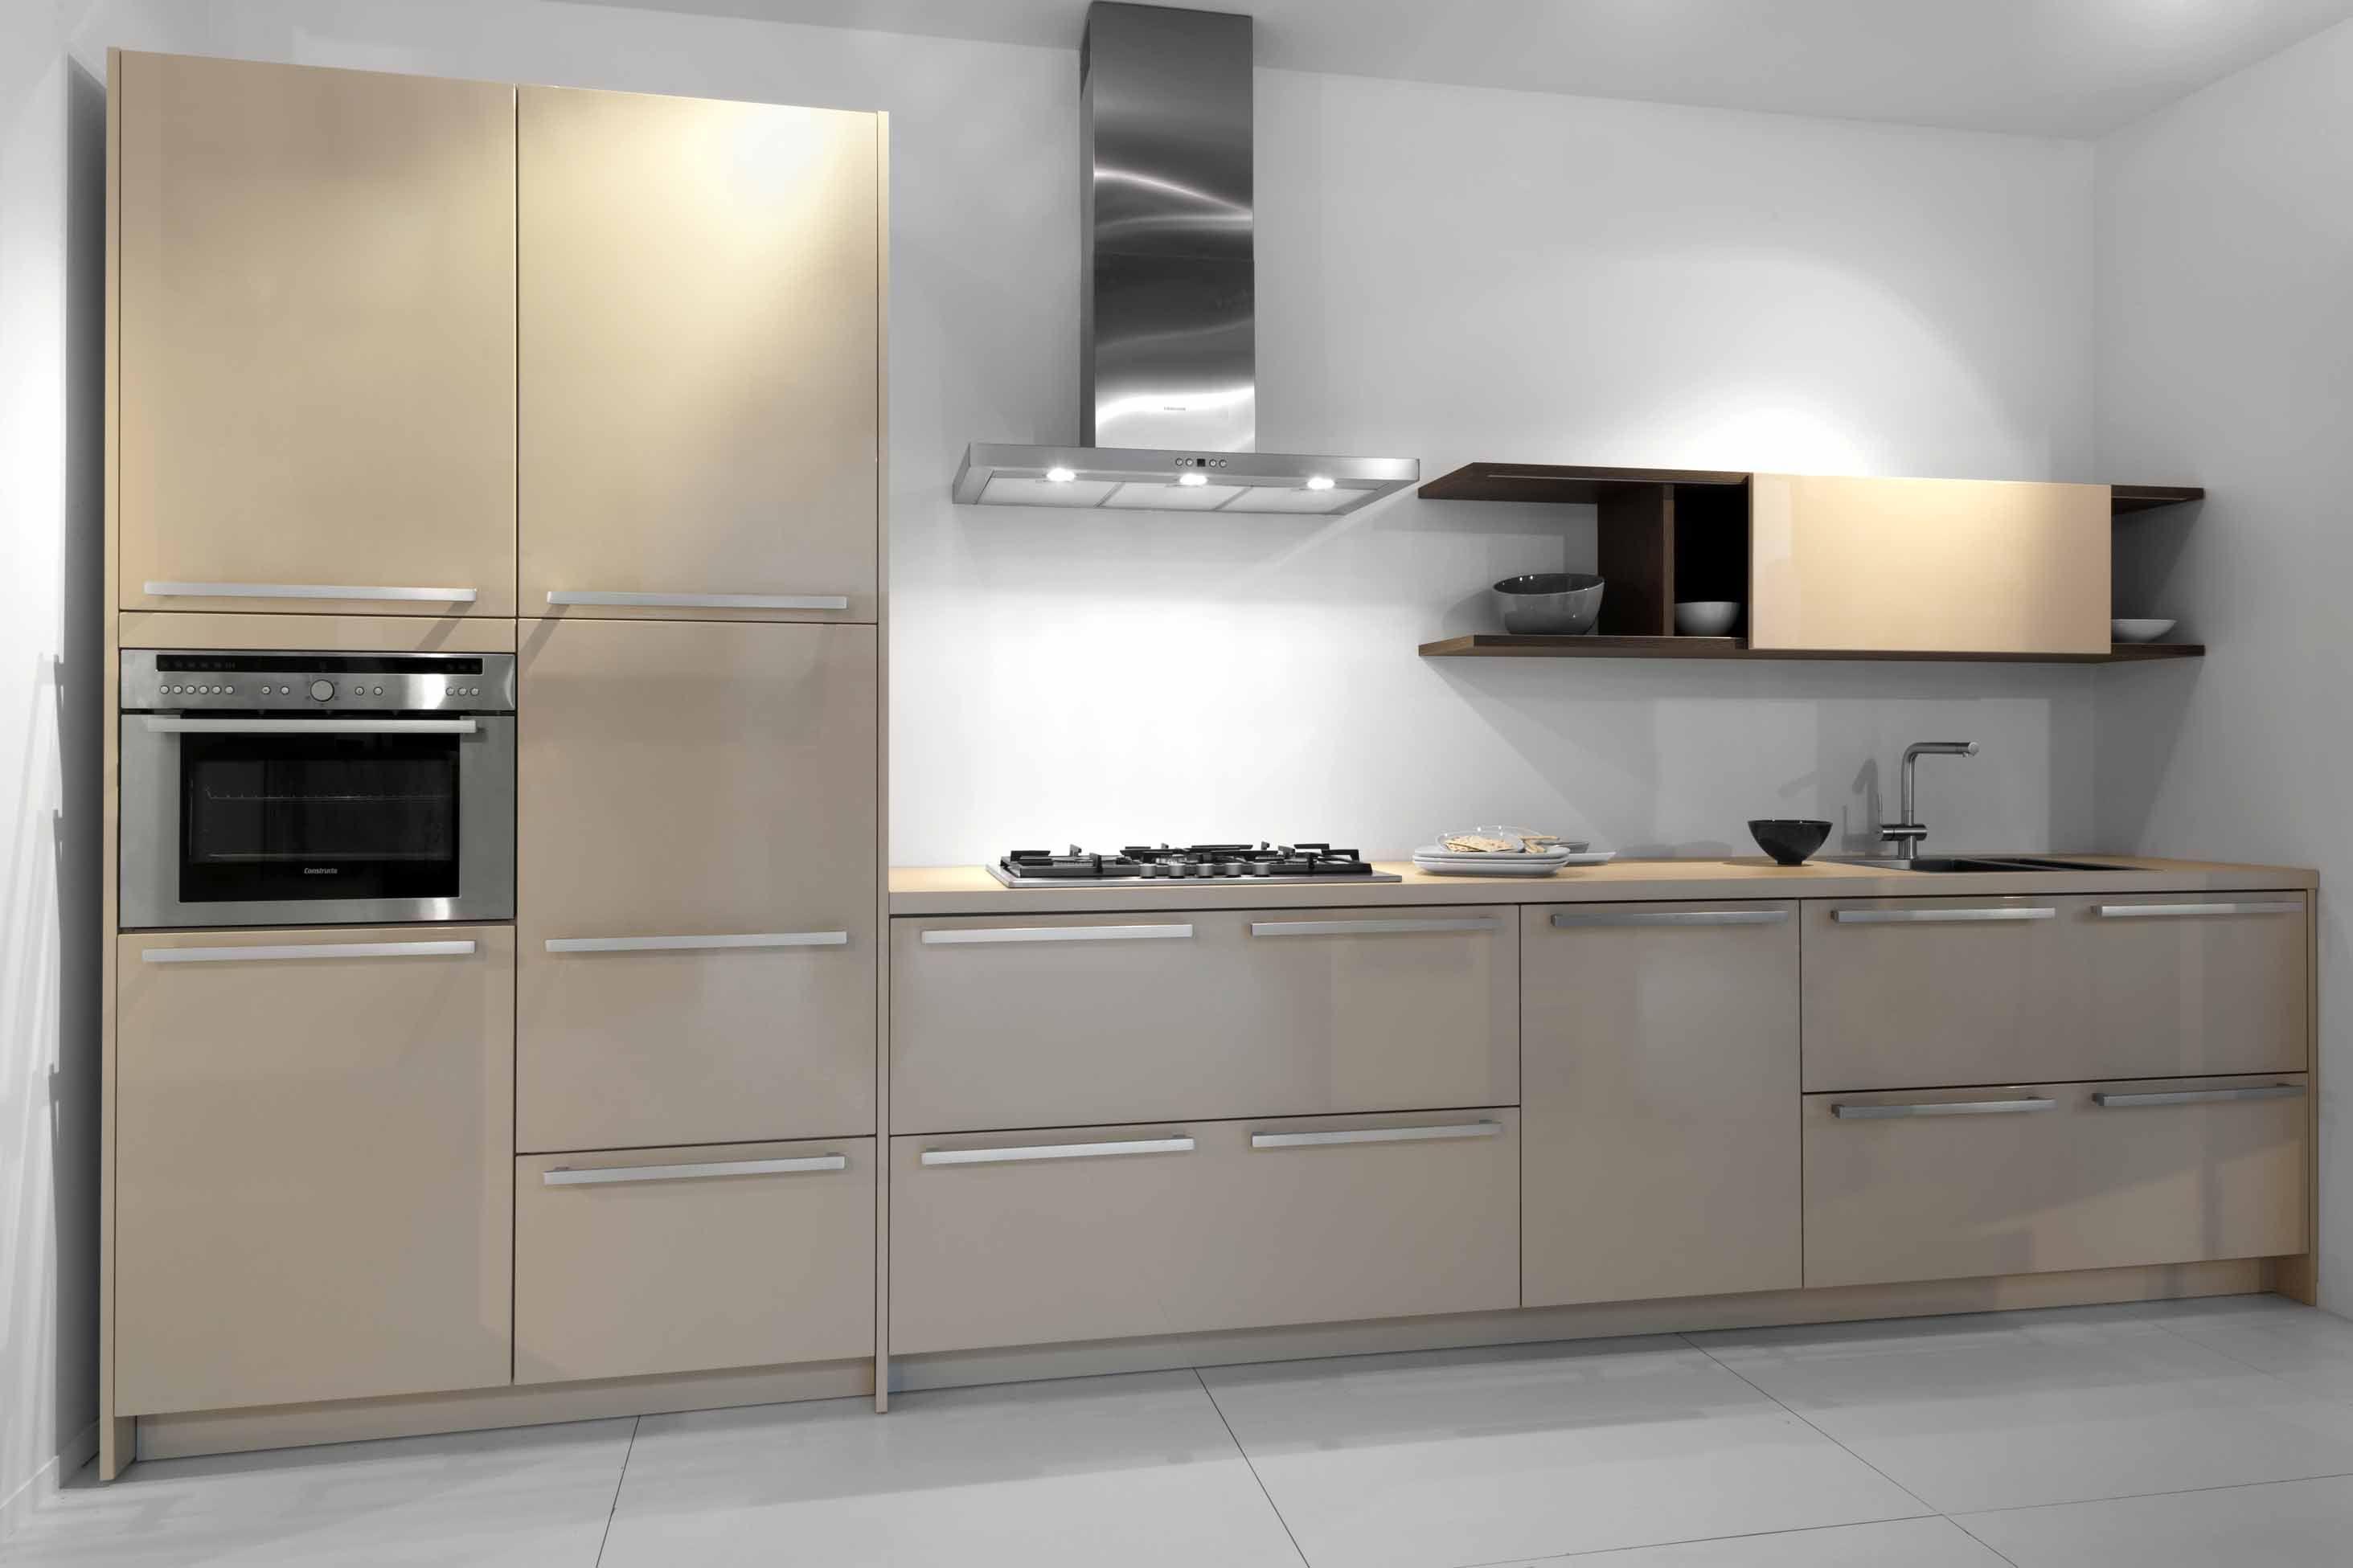 ... keukens voor zeer lage keuken prijzen  Rechte keuken Glans (19